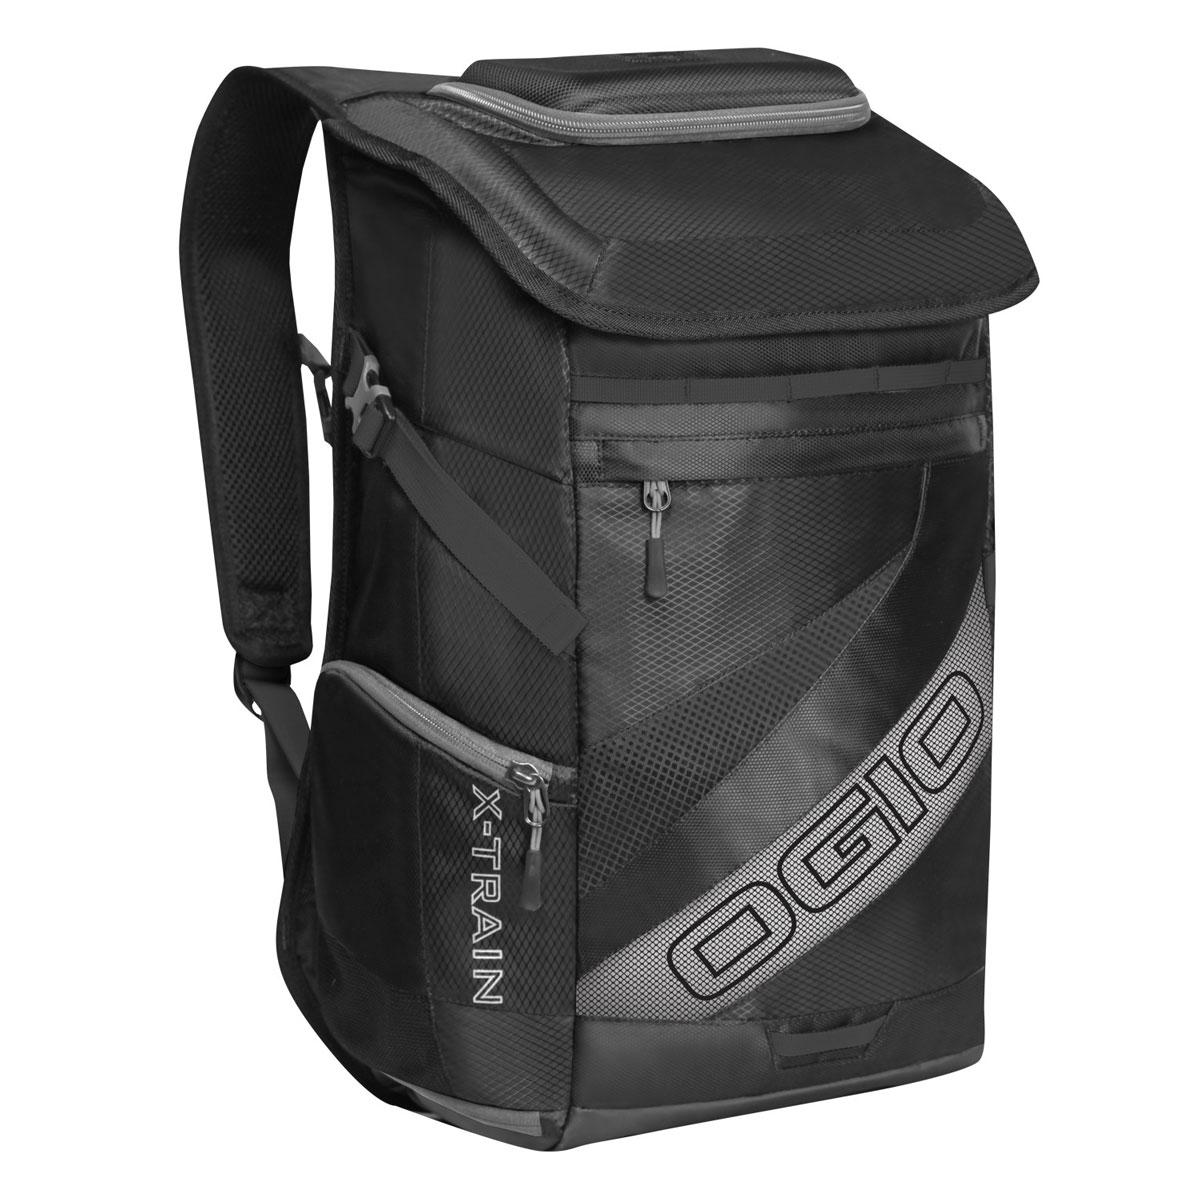 Рюкзак спортивный OGIO X-Train, цвет: черный, серый. 112039.030УТ-000055301Спортивный рюкзак OGIO X-Train - это отличный помощник в вашей жизни. Он отлично подойдет для занятия спортом, фитнессом, туризмом, и для повседневной носки. Особенности: Удароустойчивый армированный карман.Отстегиваемая внешняя лямка для крепления шлема.Боковые ремешки для крепления полотенец или ковриков.Специальный отдел для хранения сухой/мокрой одежды или обуви в режиме тренировки или для iPad в режиме обучения.Высокопрочные и легкие материалы.Перегородка отделяет основное отделение от отделения для мокрой/сухой одежды или обуви.Особое покрытие отделения для мокрой/сухой одежды или обуви облегчает чистку.Эргономичные, регулируемые плечевые лямки, подбитые мягким материалом.Устойчивая к трению брезентовая основа.Встроенный полноразмерный карман для бутылки.Регулируемый нагрудный ремень.Объем: 23 л.Материал: Кросс-добби 420D, гекс-рипстоп 210D.